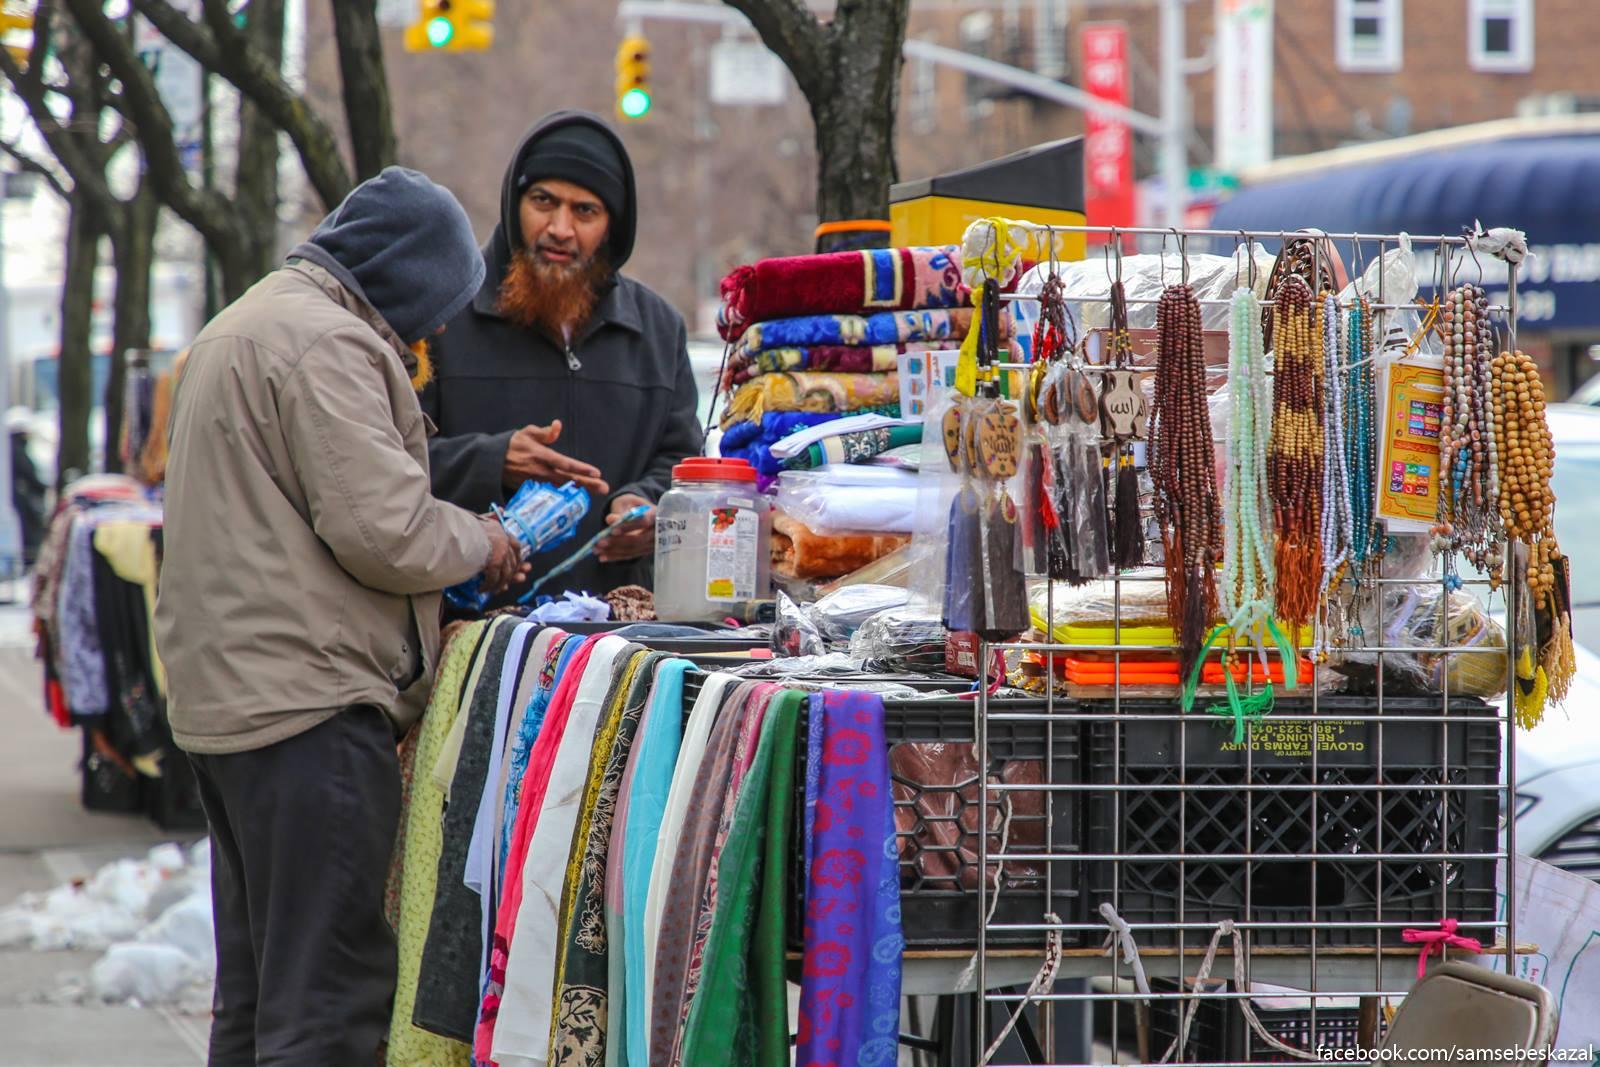 Маленькая Индия в Куинсе Куинс, много, одежде, покажу, НьюЙорк, который, магазина, районе, местной, устроен, магазин, Индии, витрине, ресторан, улице, Когда, Индией, вышел, район, видео